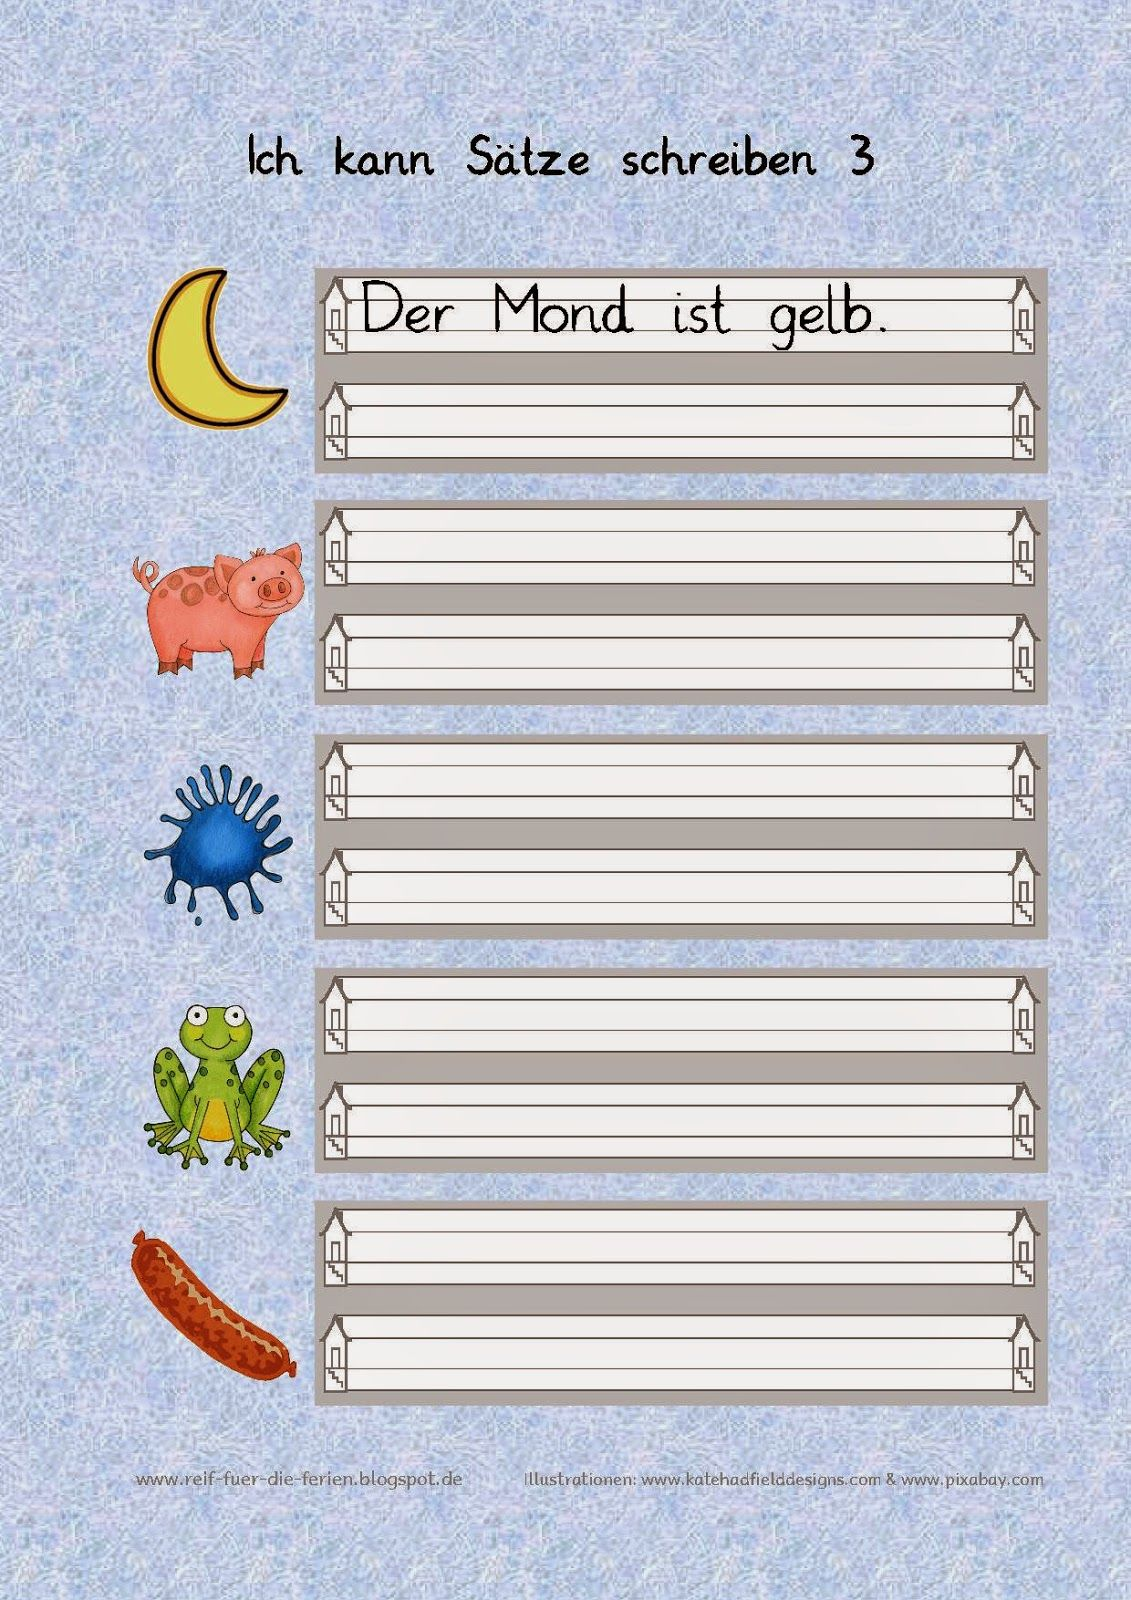 ich kann s tze schreiben erziehung und bildung deutsche schule schreiben arbeitsblatt und. Black Bedroom Furniture Sets. Home Design Ideas